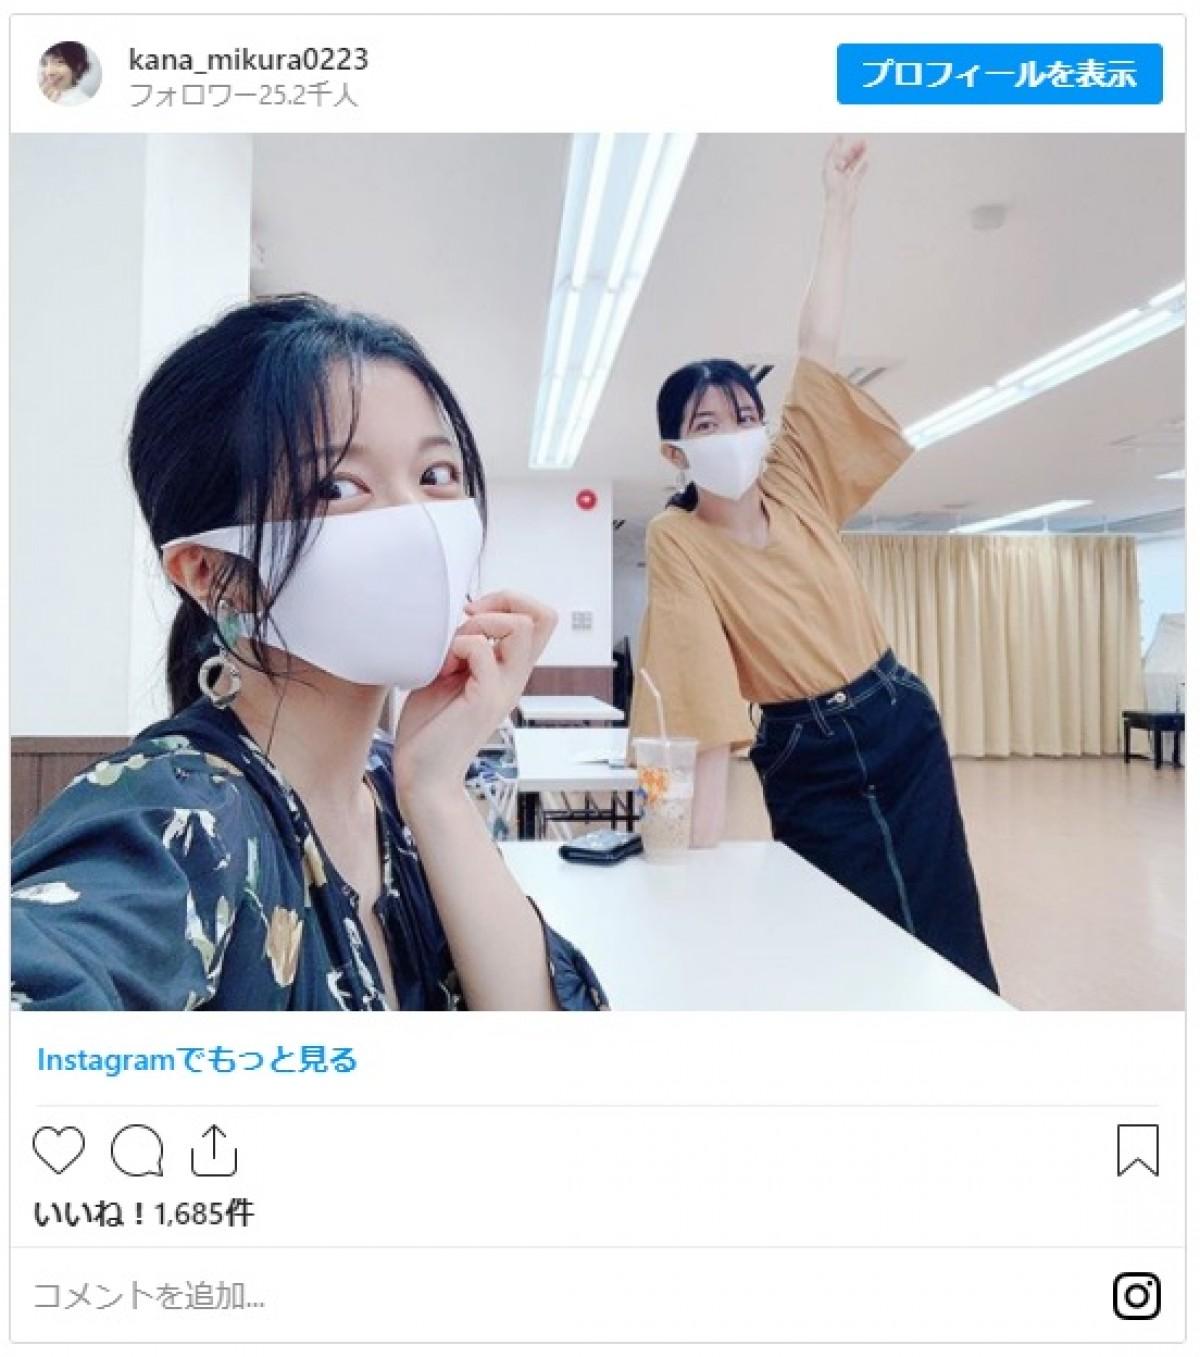 三倉佳奈、姉・茉奈の第1子妊娠を祝福 /2020年8月16日 1ページ目 - エンタメ - ニュース - クランクイン!